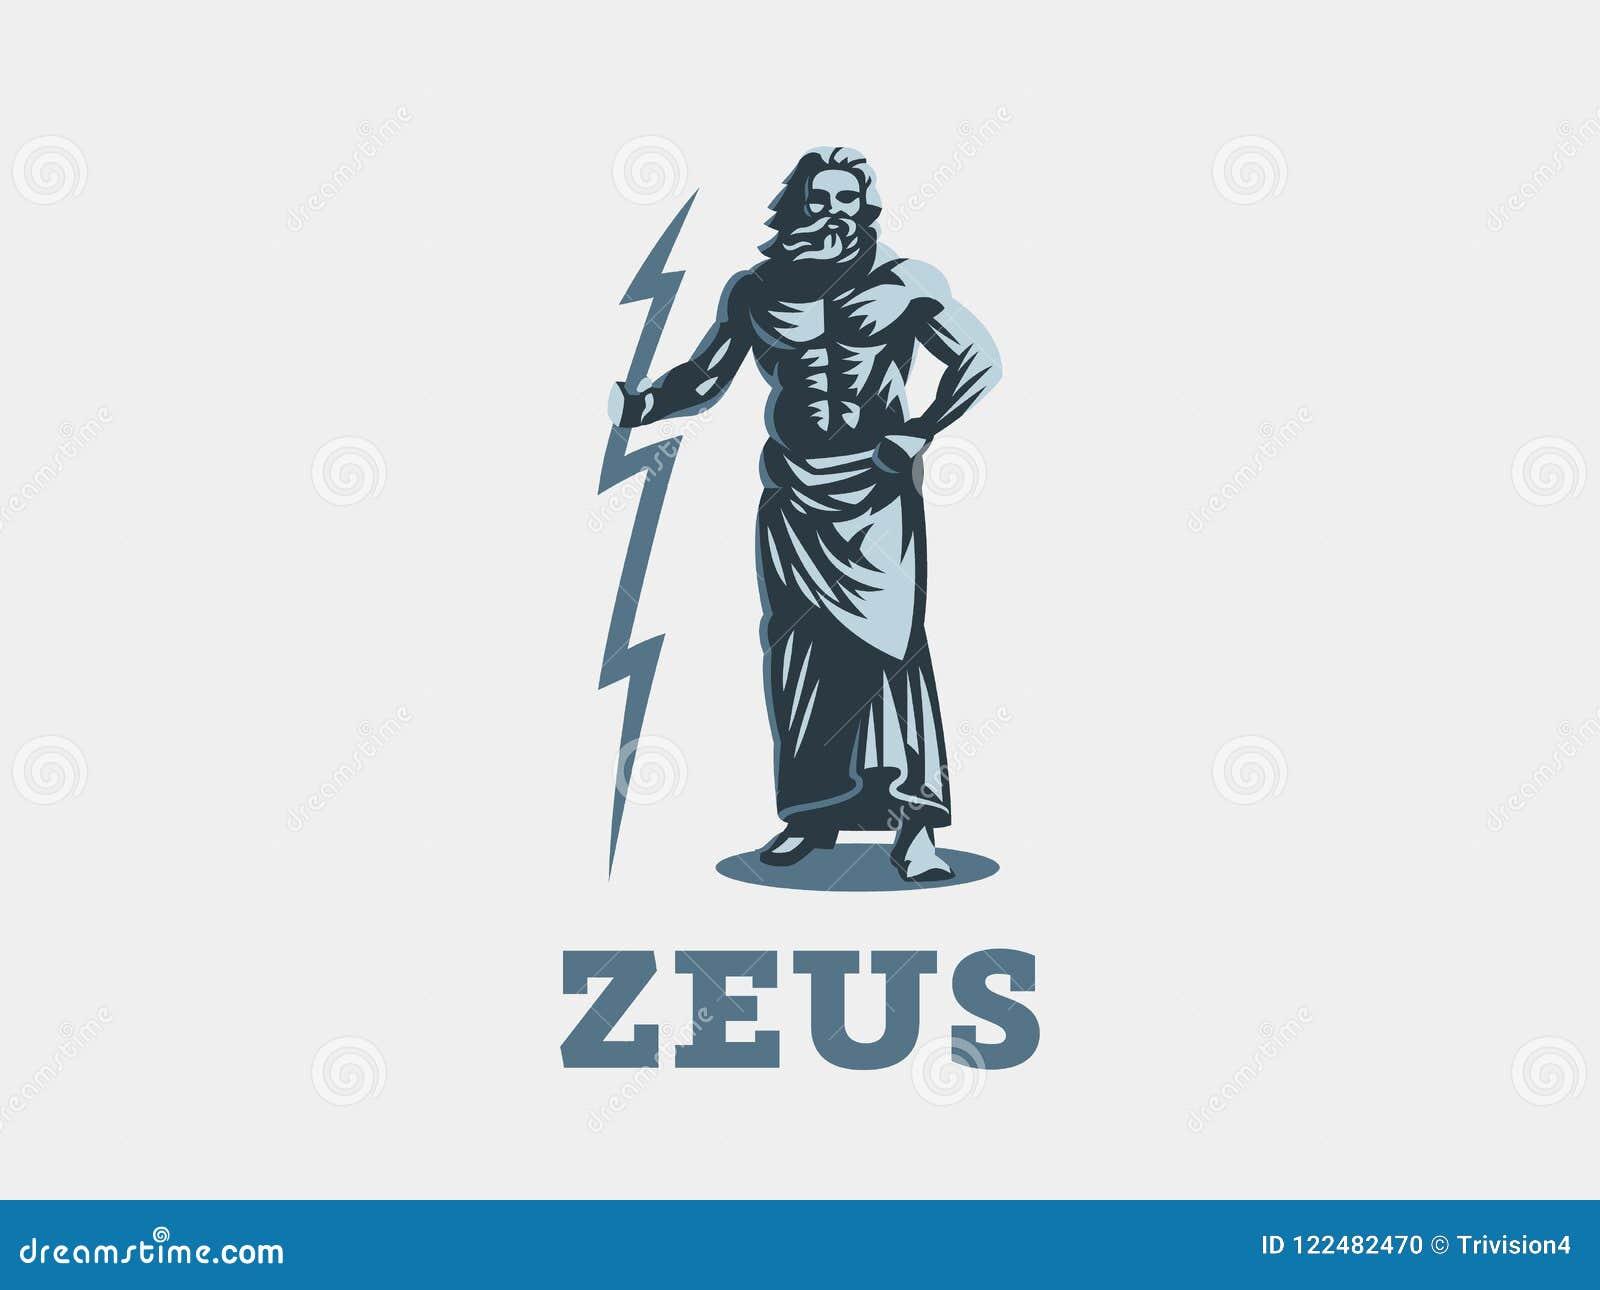 The Greek God Zeus Zeus Stands With Lightning In His Hands Stock